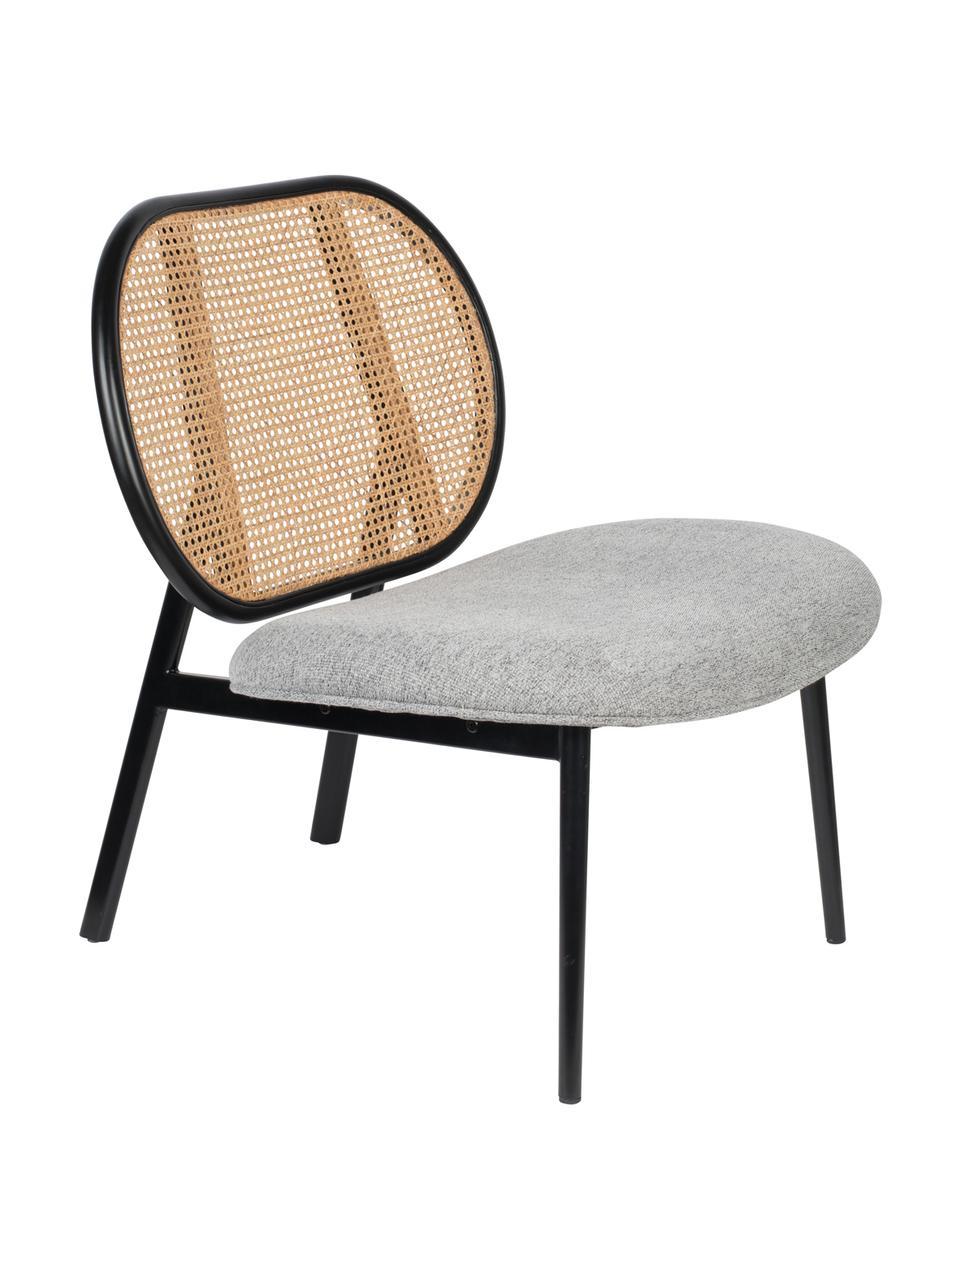 Loungefauteuil Spike met Weens vlechtwerk, Bekleding: polyester 100.000 cyclito, Poten: gepoedercoat metaal, Beige, grijs, B 79 x D 70 cm